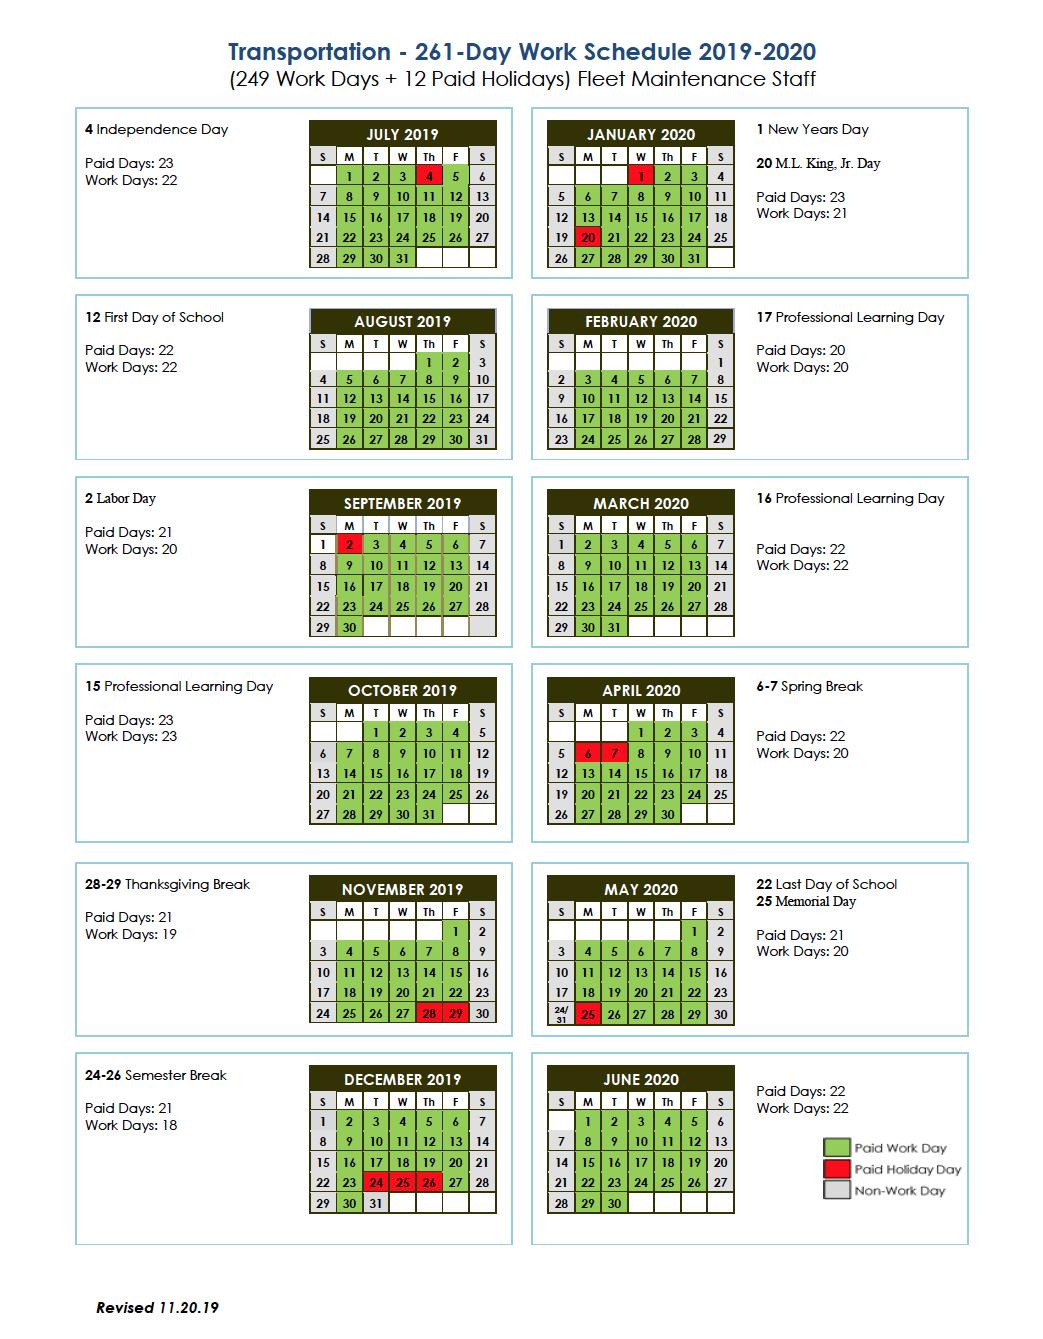 Transportation 261-Day Work Schedule